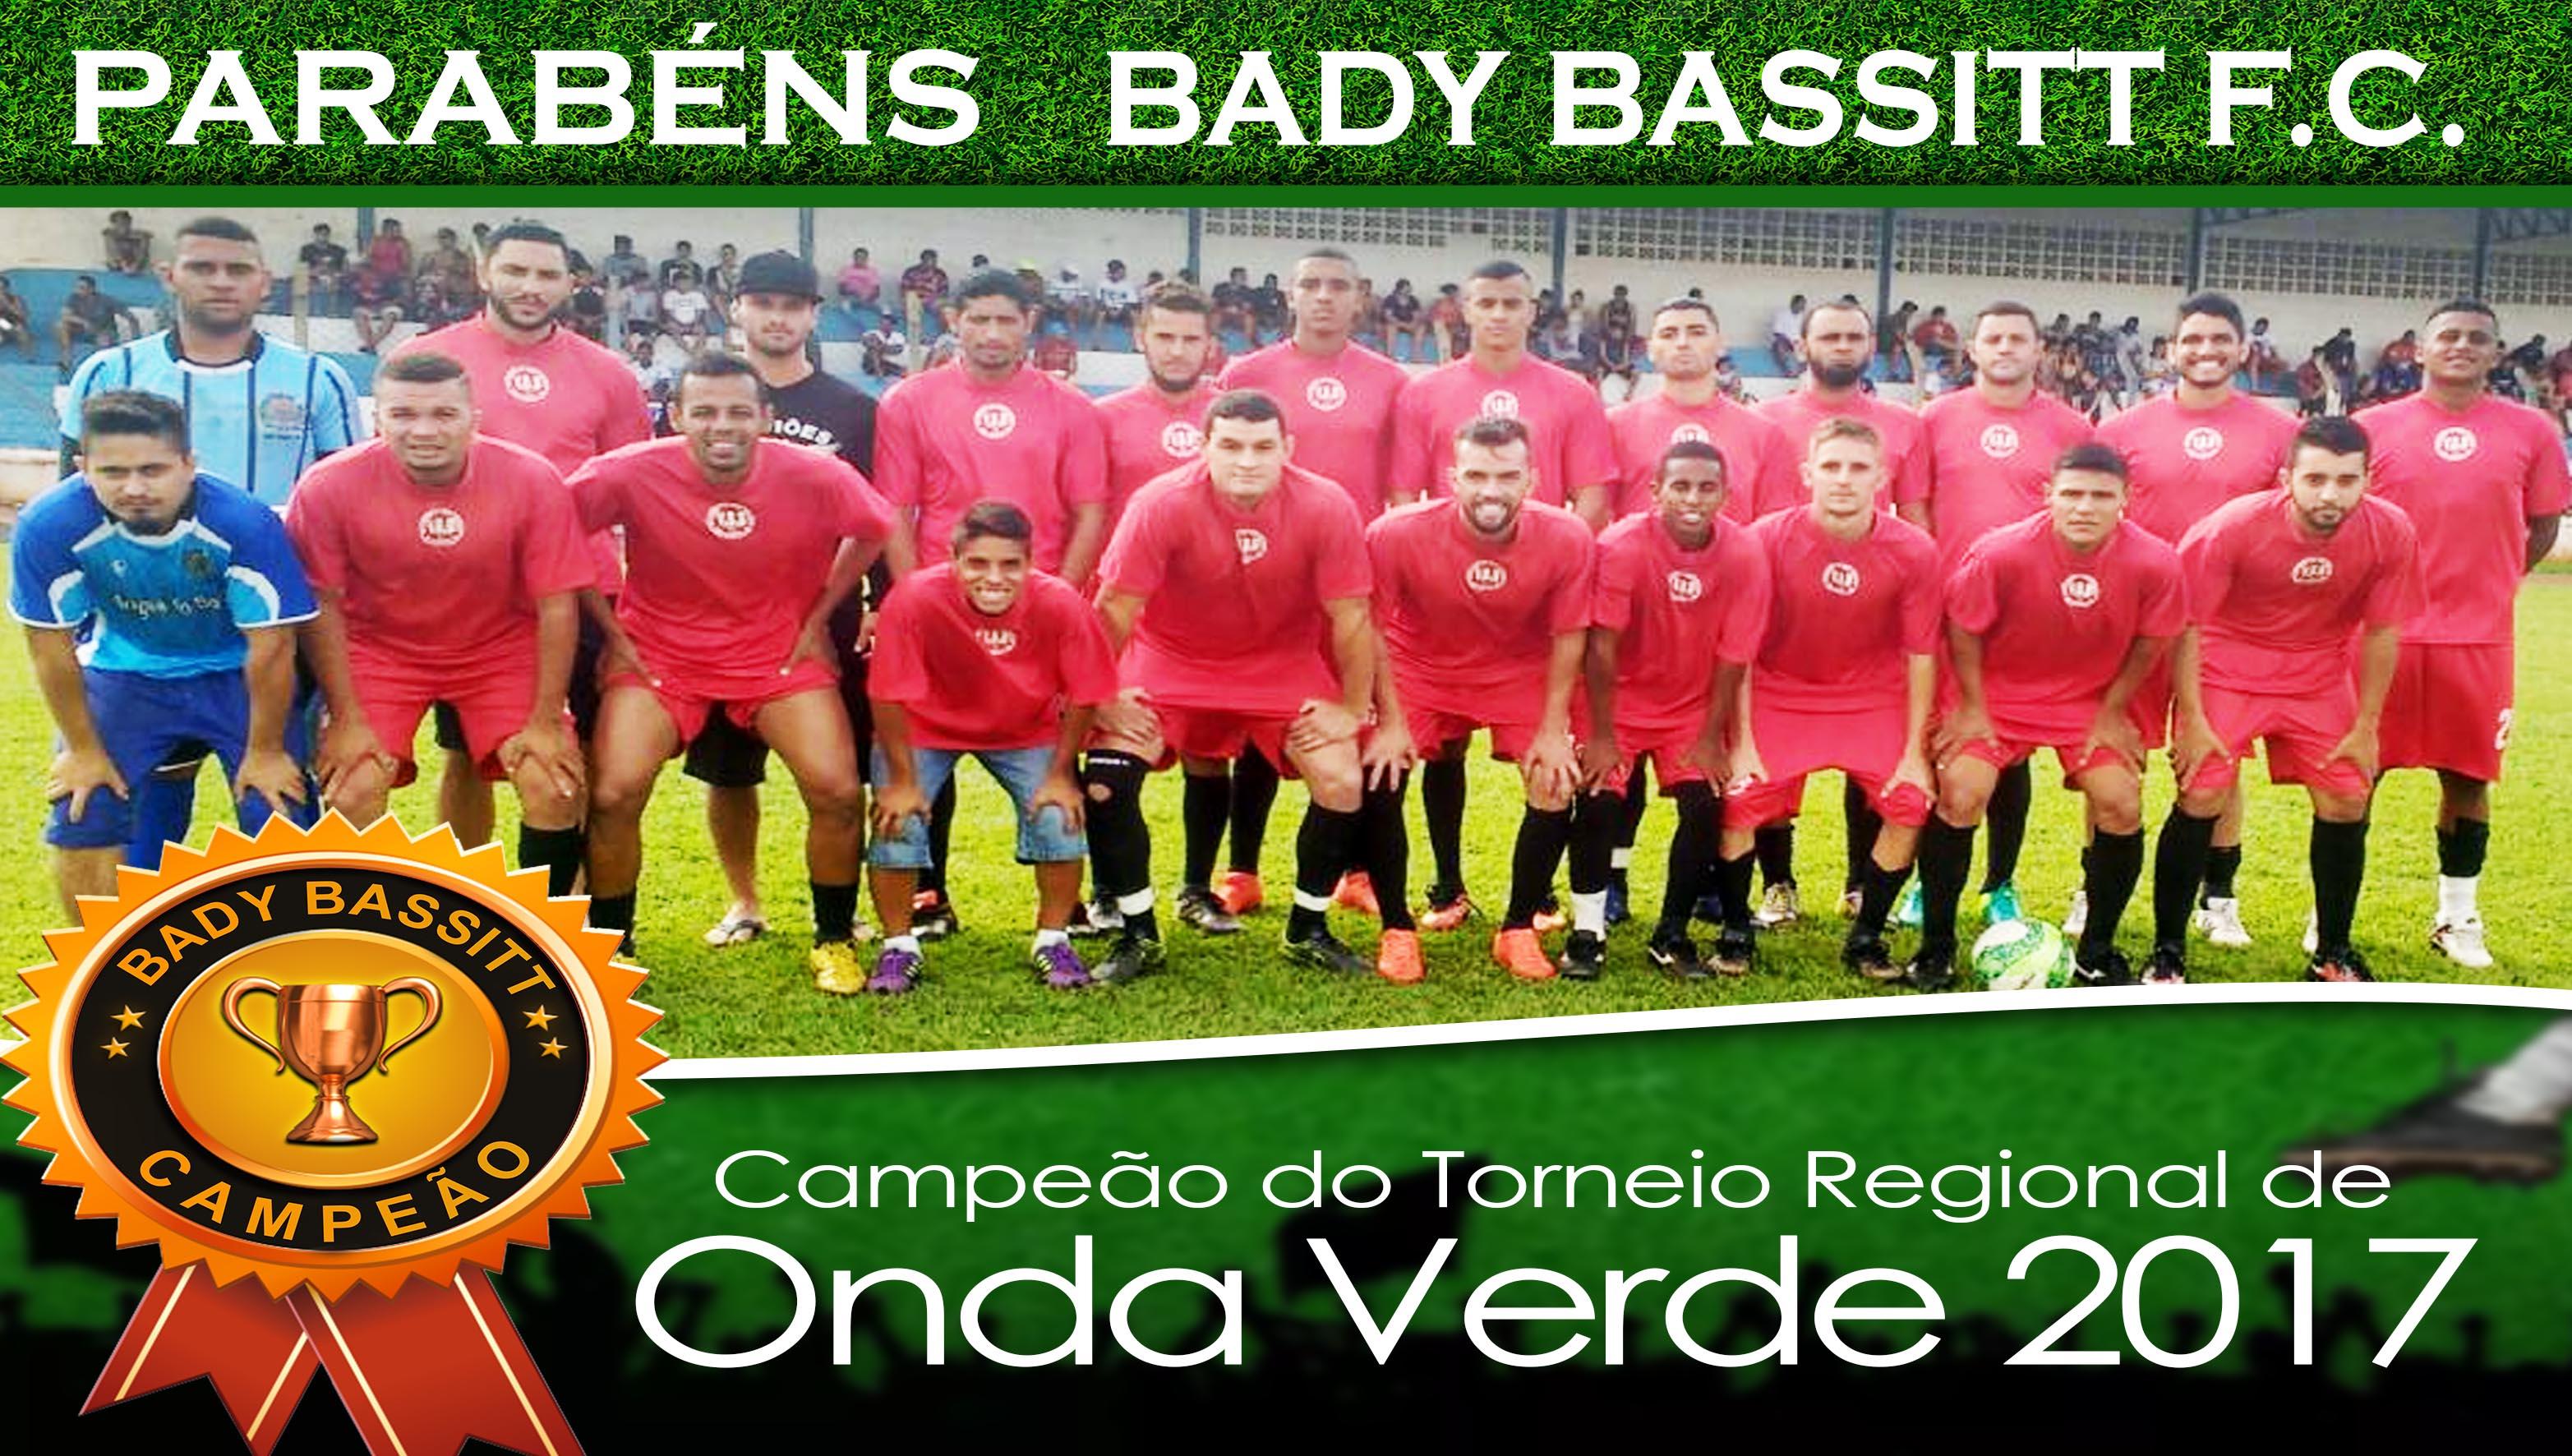 Bady Bassitt F. C. Campeão em Onda Verde-SP